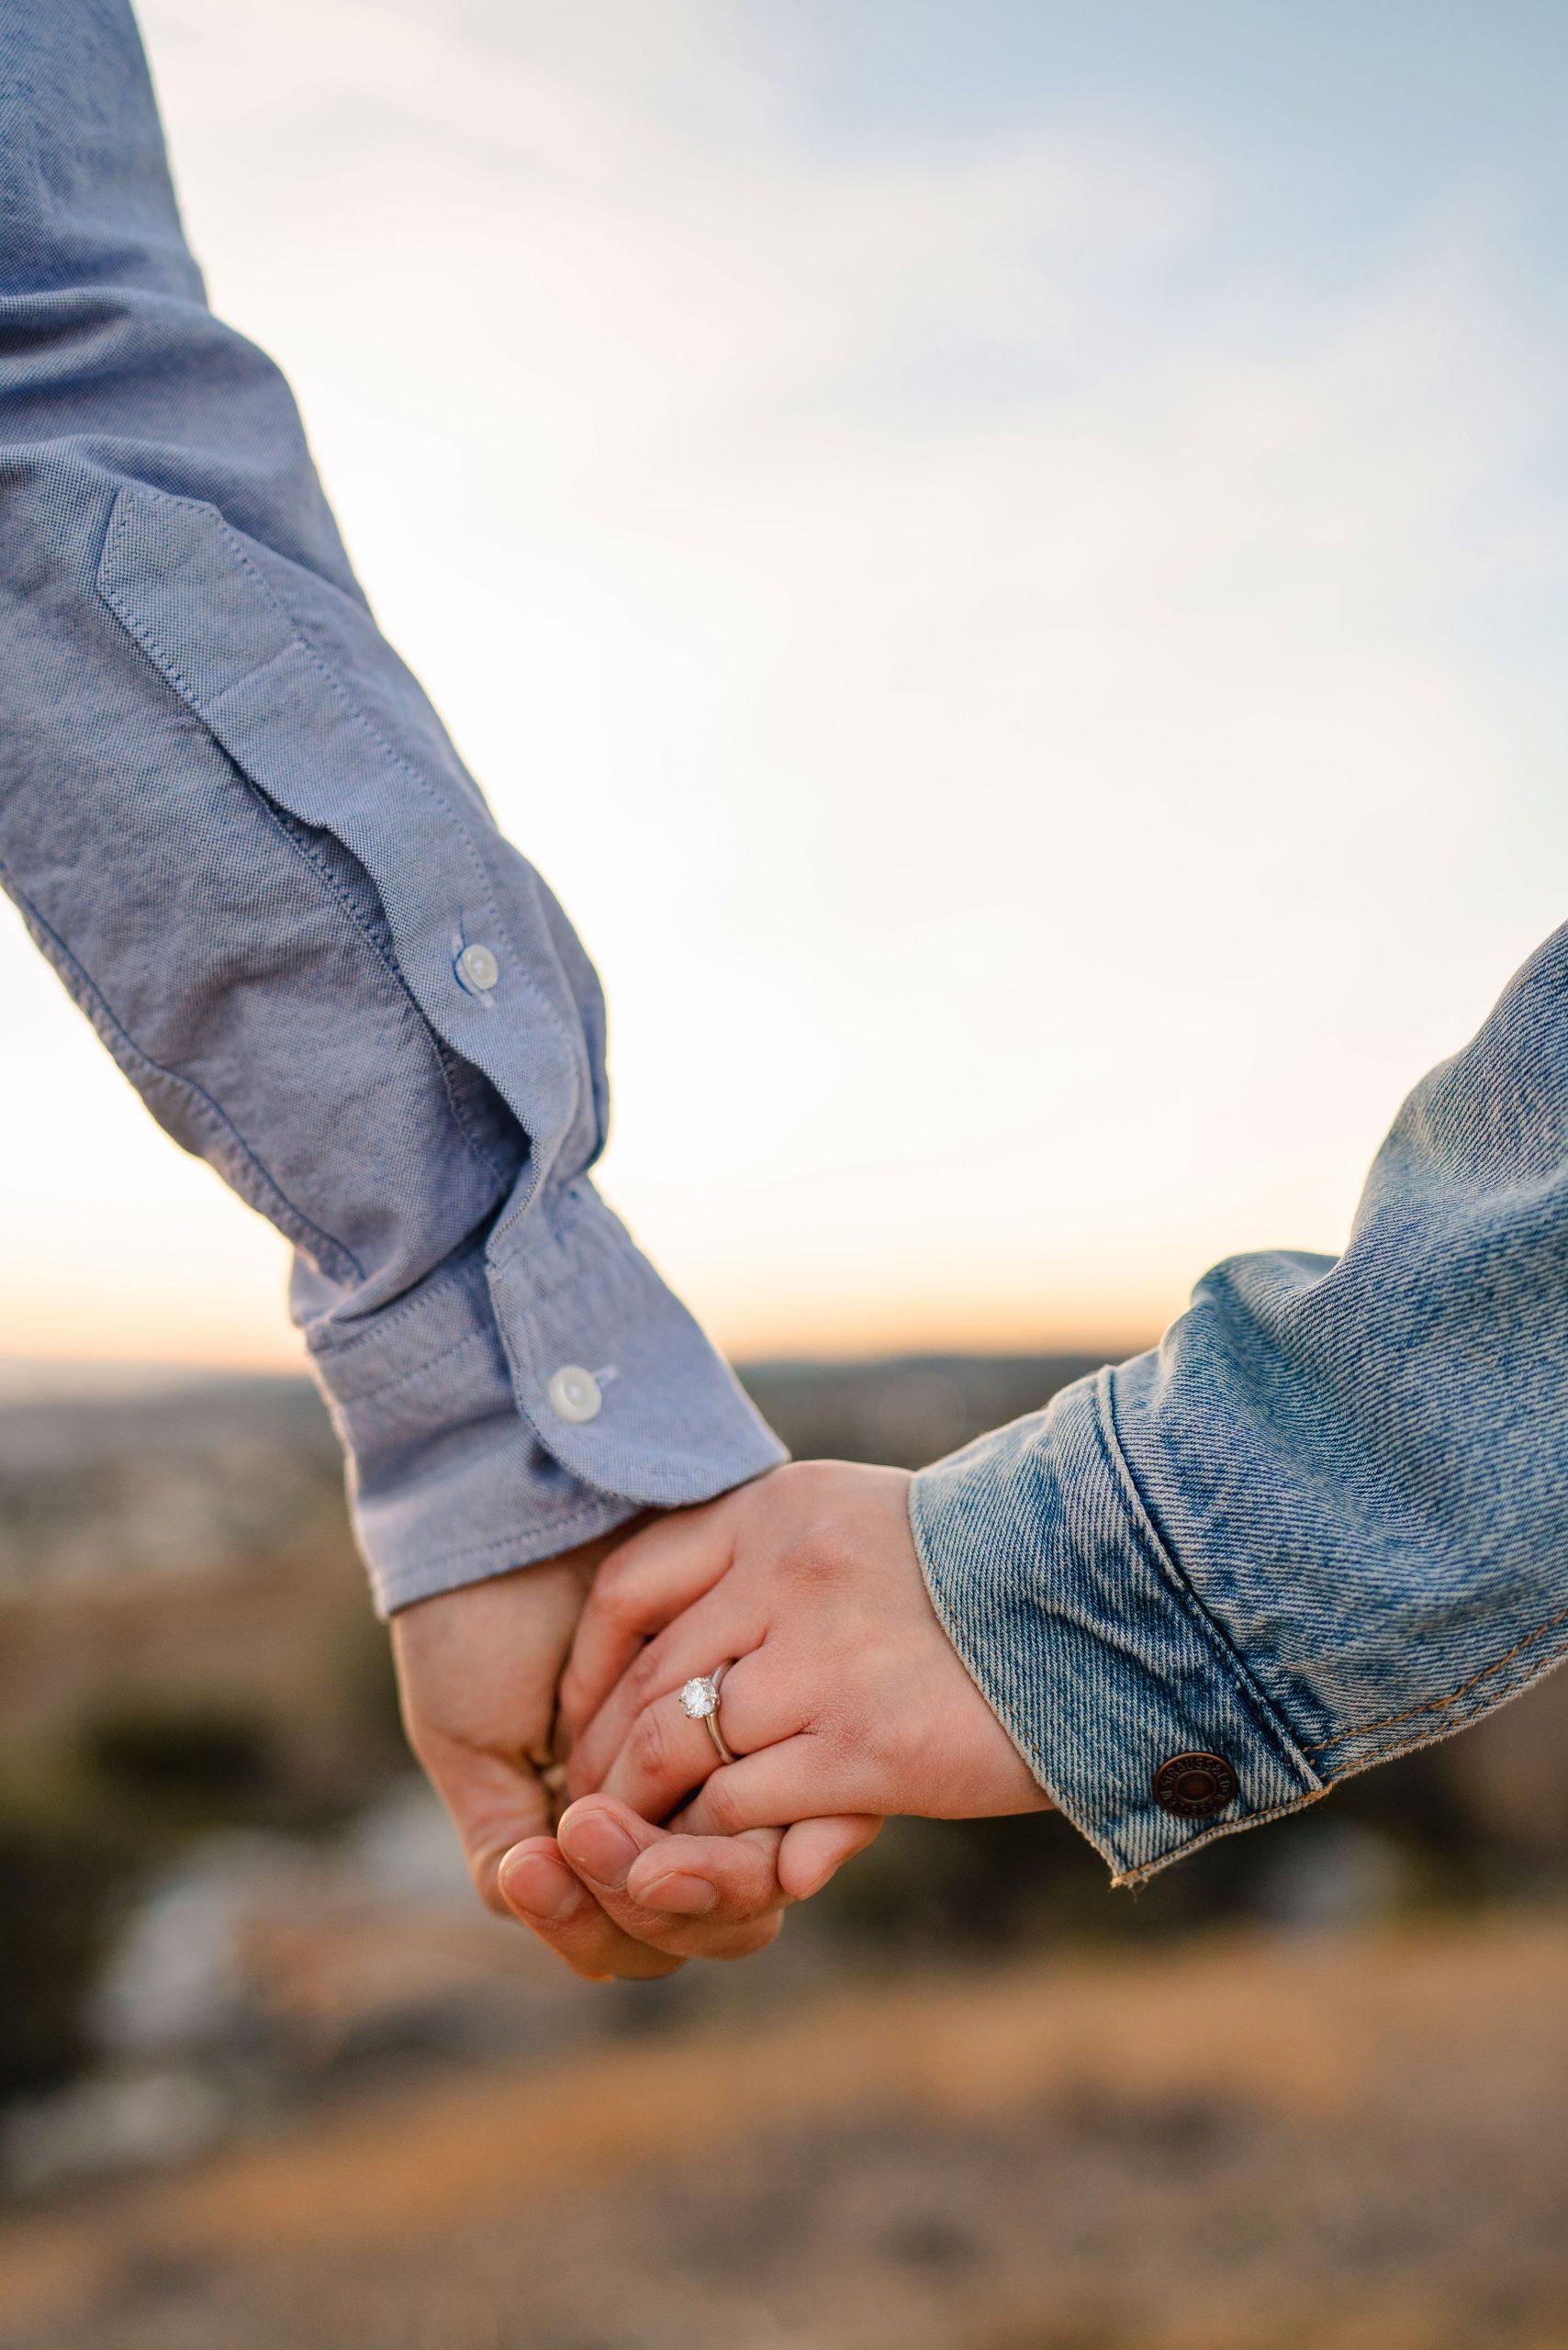 2021 hd Love Couple Sad Dp Images